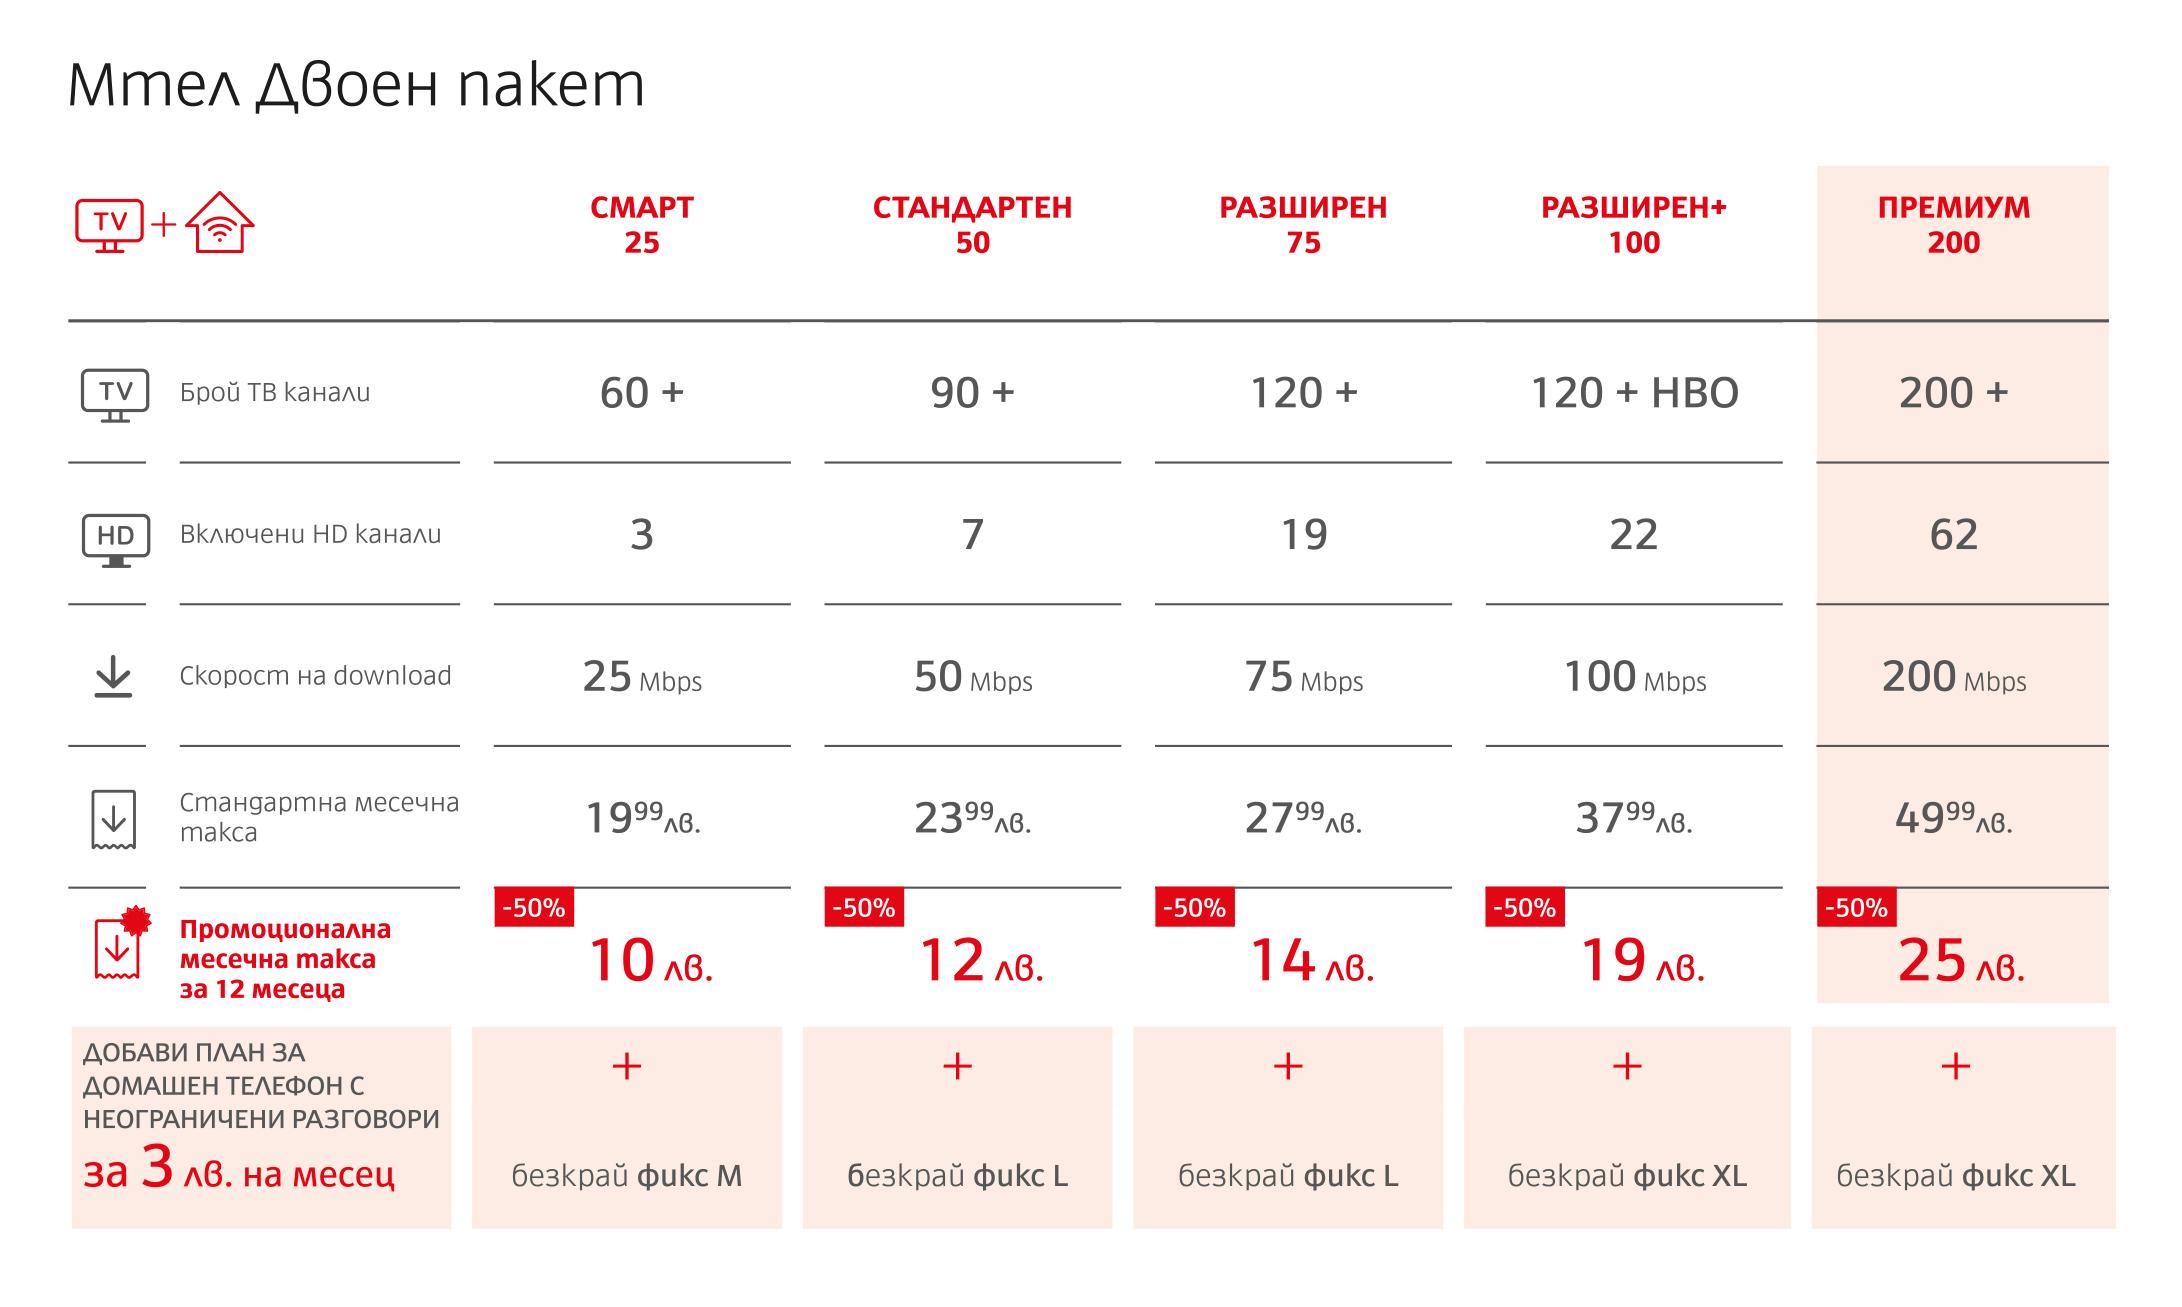 комбинирани оферти Как да намалим разходите си с новите комбинирани оферти от Мтел и blizoo? А1 Блог